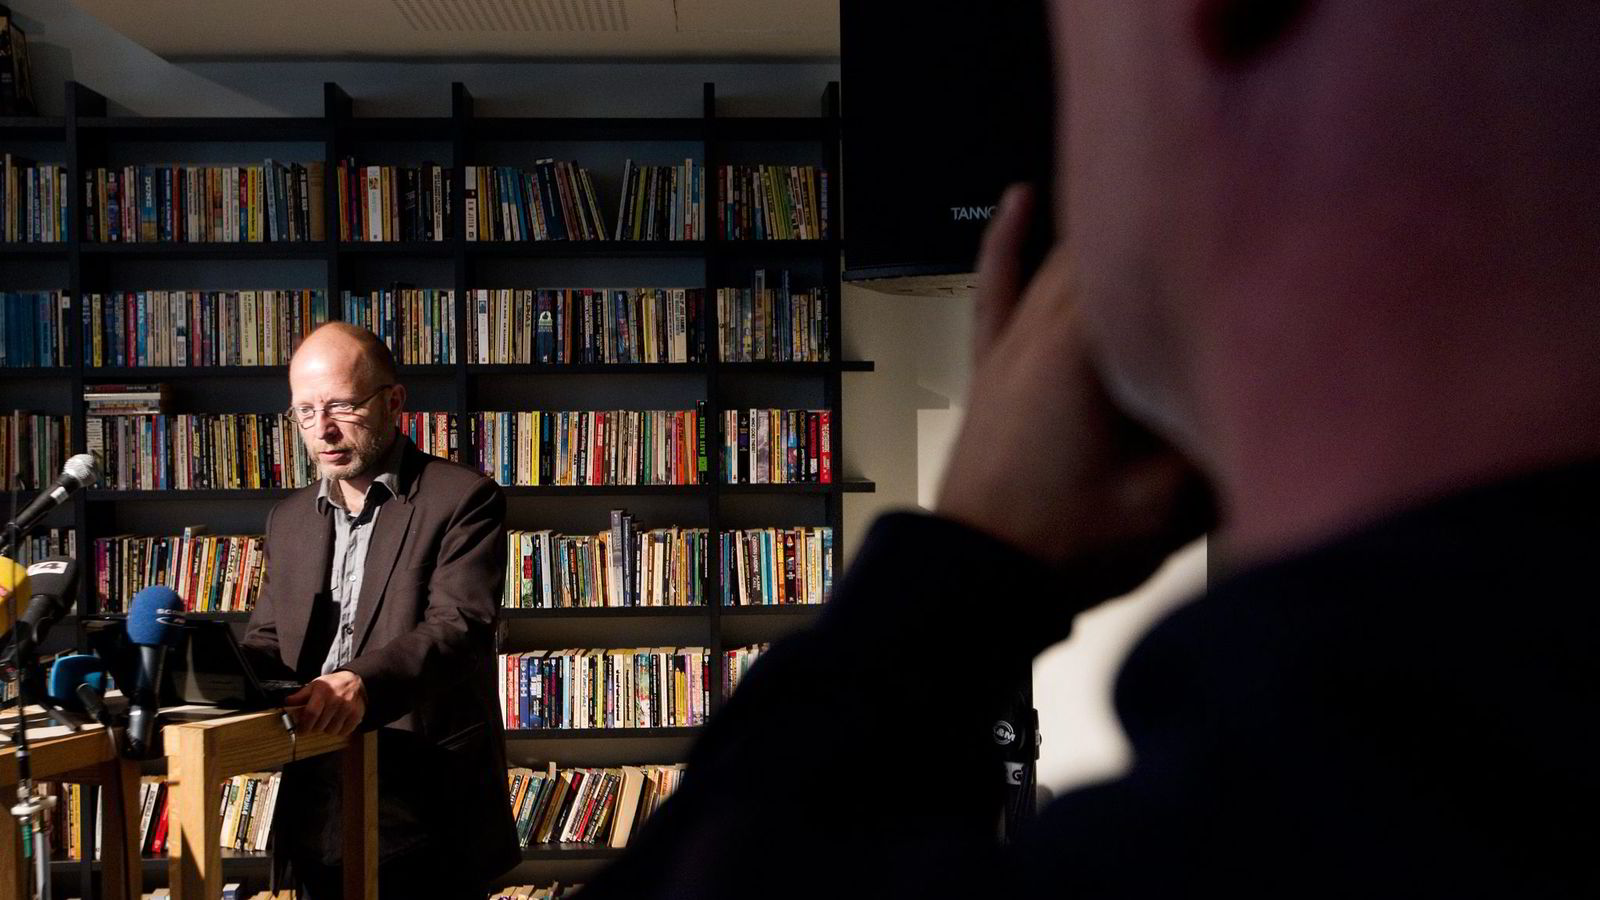 Tidligere nyhetsredaktør Geir Selvik Malthe-Sørenssen ble tatt inn i Team Tromsdal som utreder og hevet et honorar for 274 timer av Oslo tingrett. Nå er han siktet for korrupsjon, noe han selv nekter straffskyld for.  Foto: Terje Bendiksby,